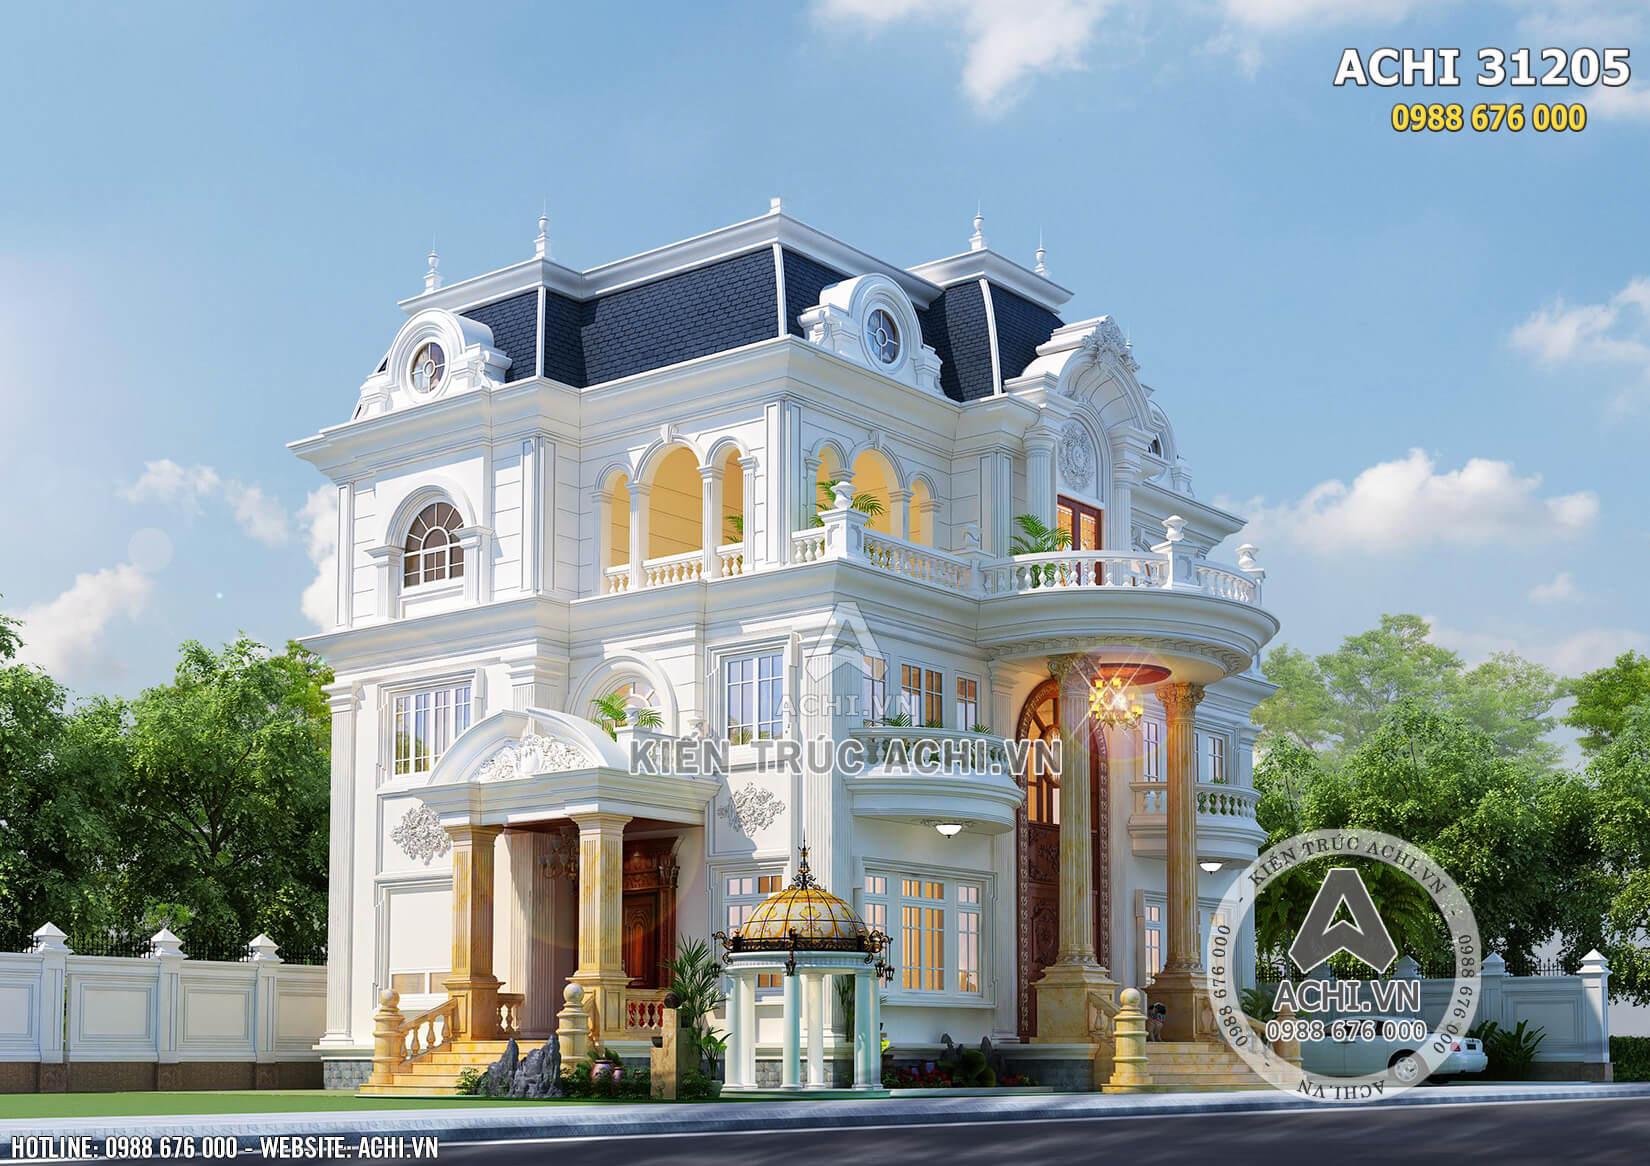 Kiến trúc Pháp đẹp của mẫu biệt thự 3 tầng tại Sài Gòn